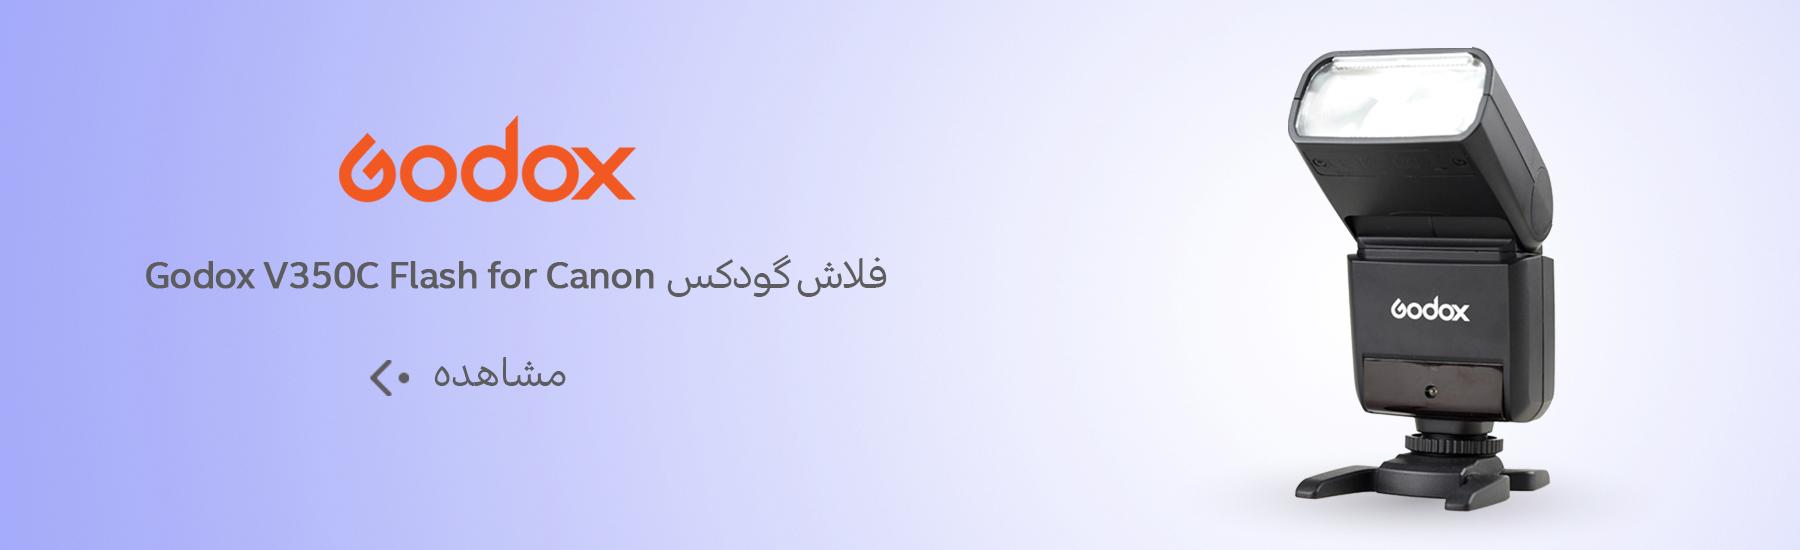 فلاش اکسترنال گودکس برای دوربین کانن